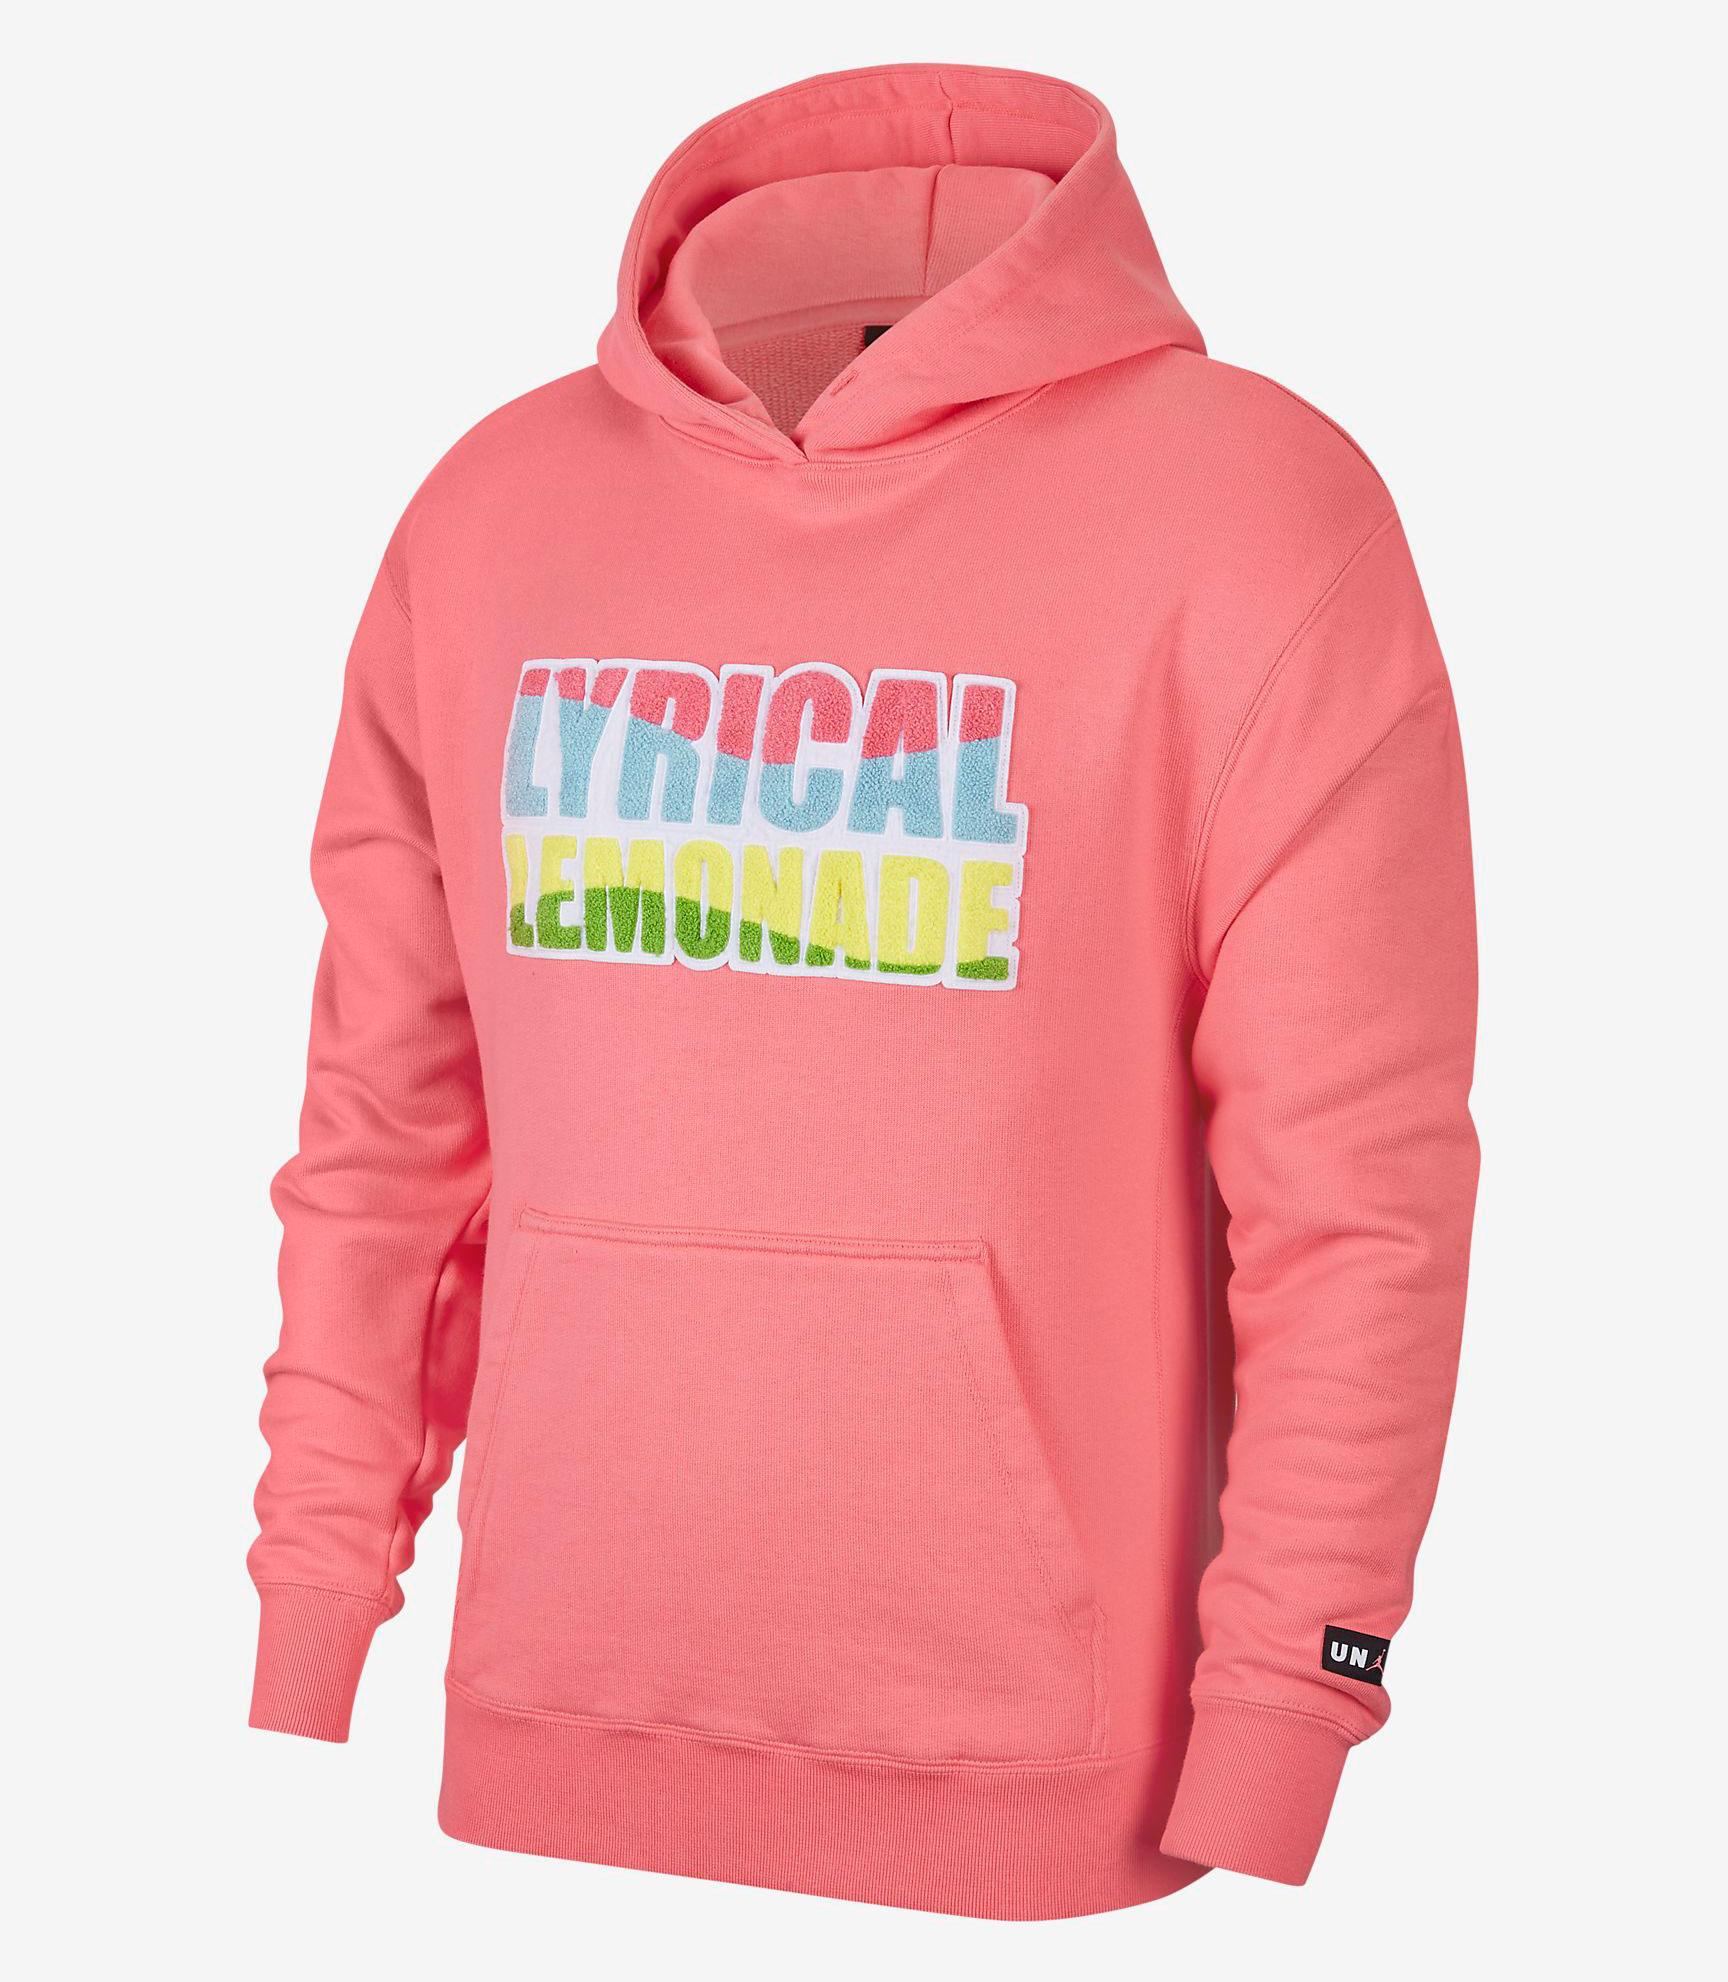 jordan-lyrical-lemonade-hoodie